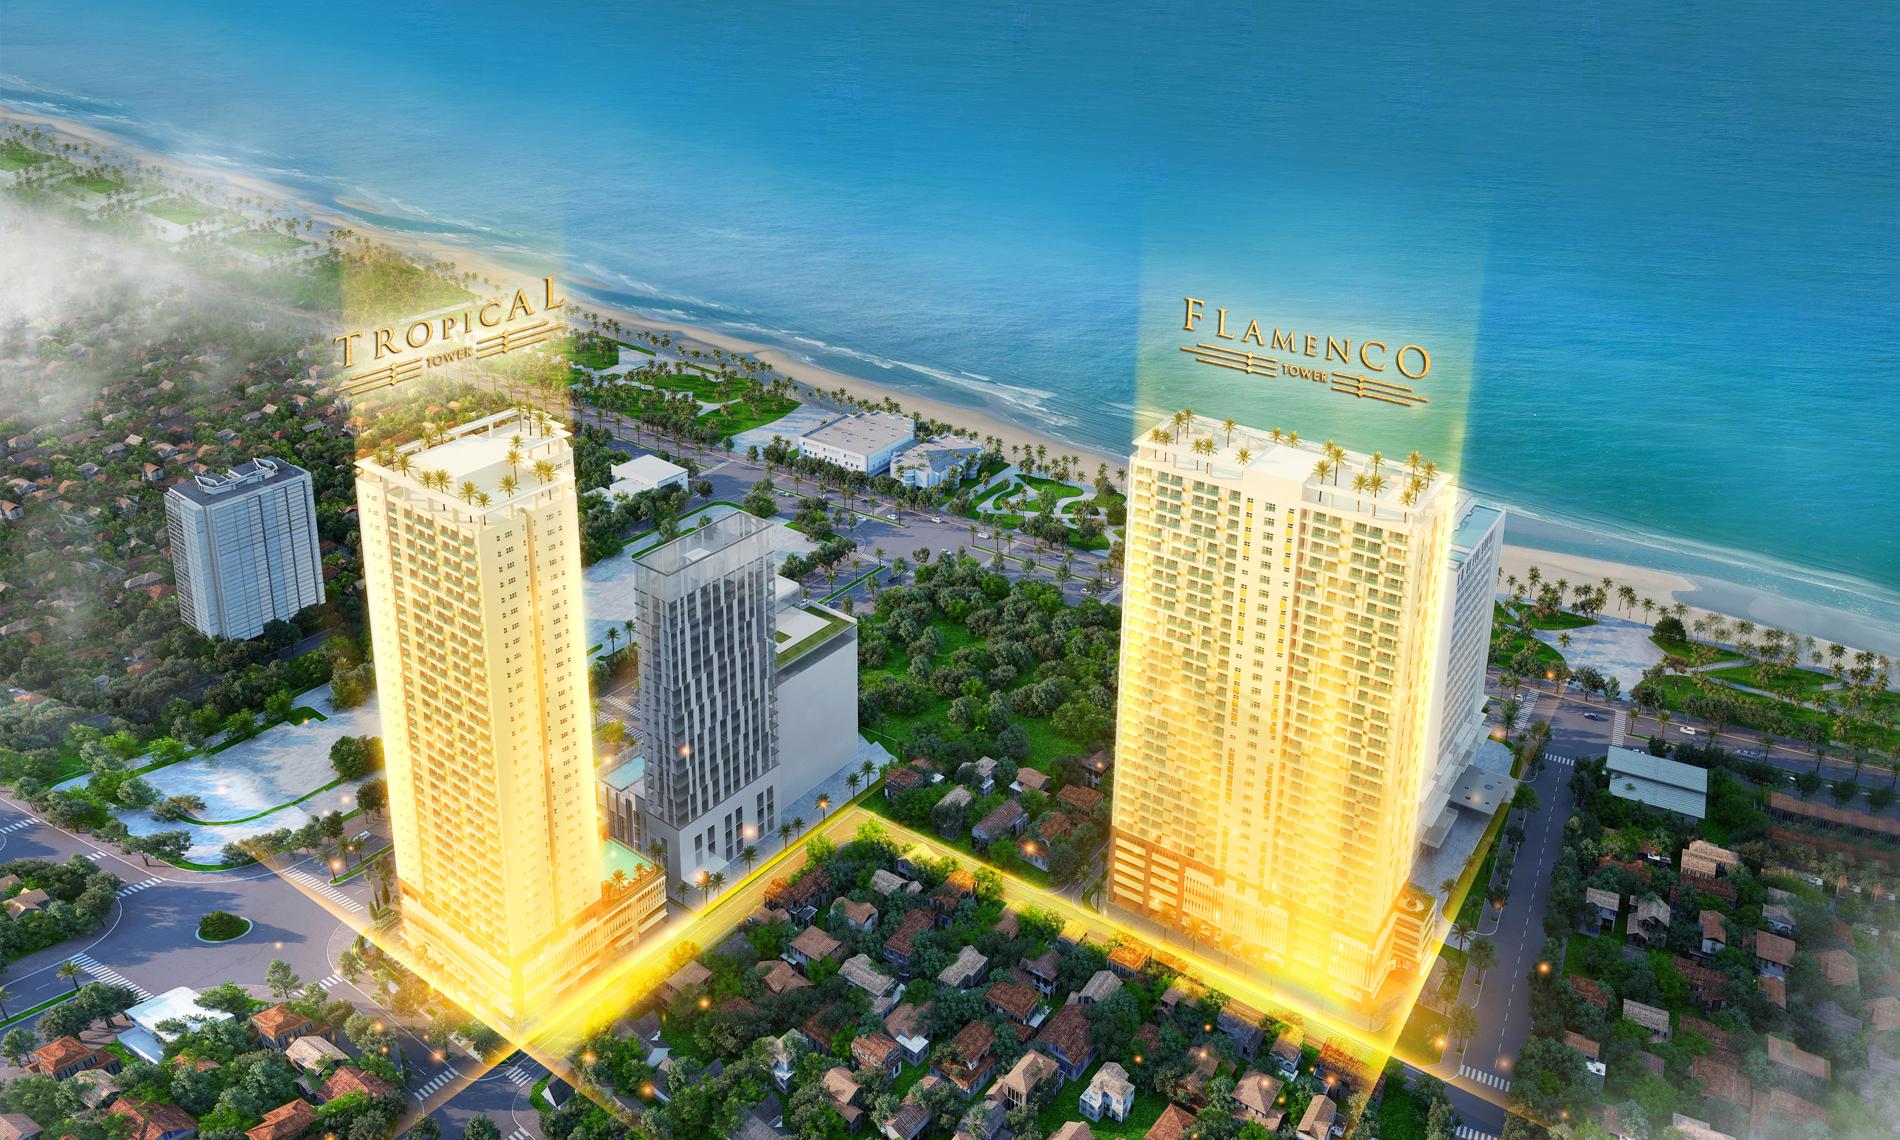 Dự án đất nền Hưng Thịnh, Căn hộ Q7 - Quy Nhơn Melody sẽ thành công rực rỡ sau căn hộ Q7, dự án đất nền Hưng Thịnh - Vinh Long NewTown?